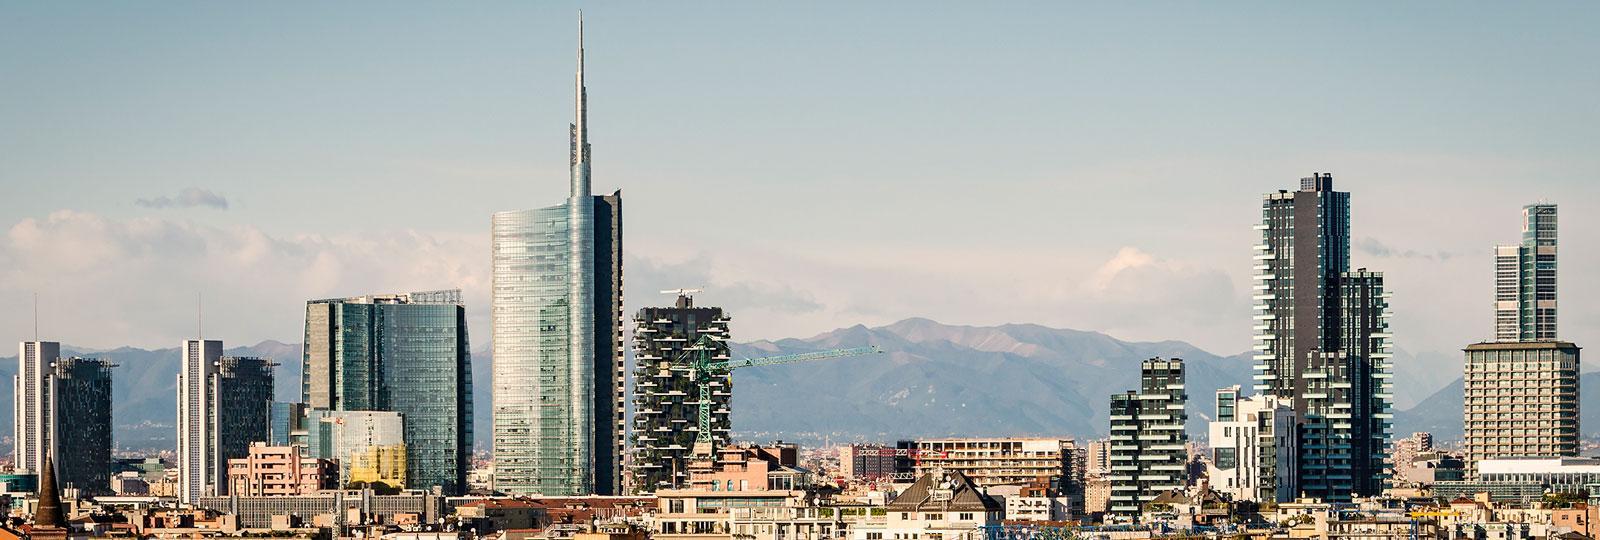 Landscape Milano